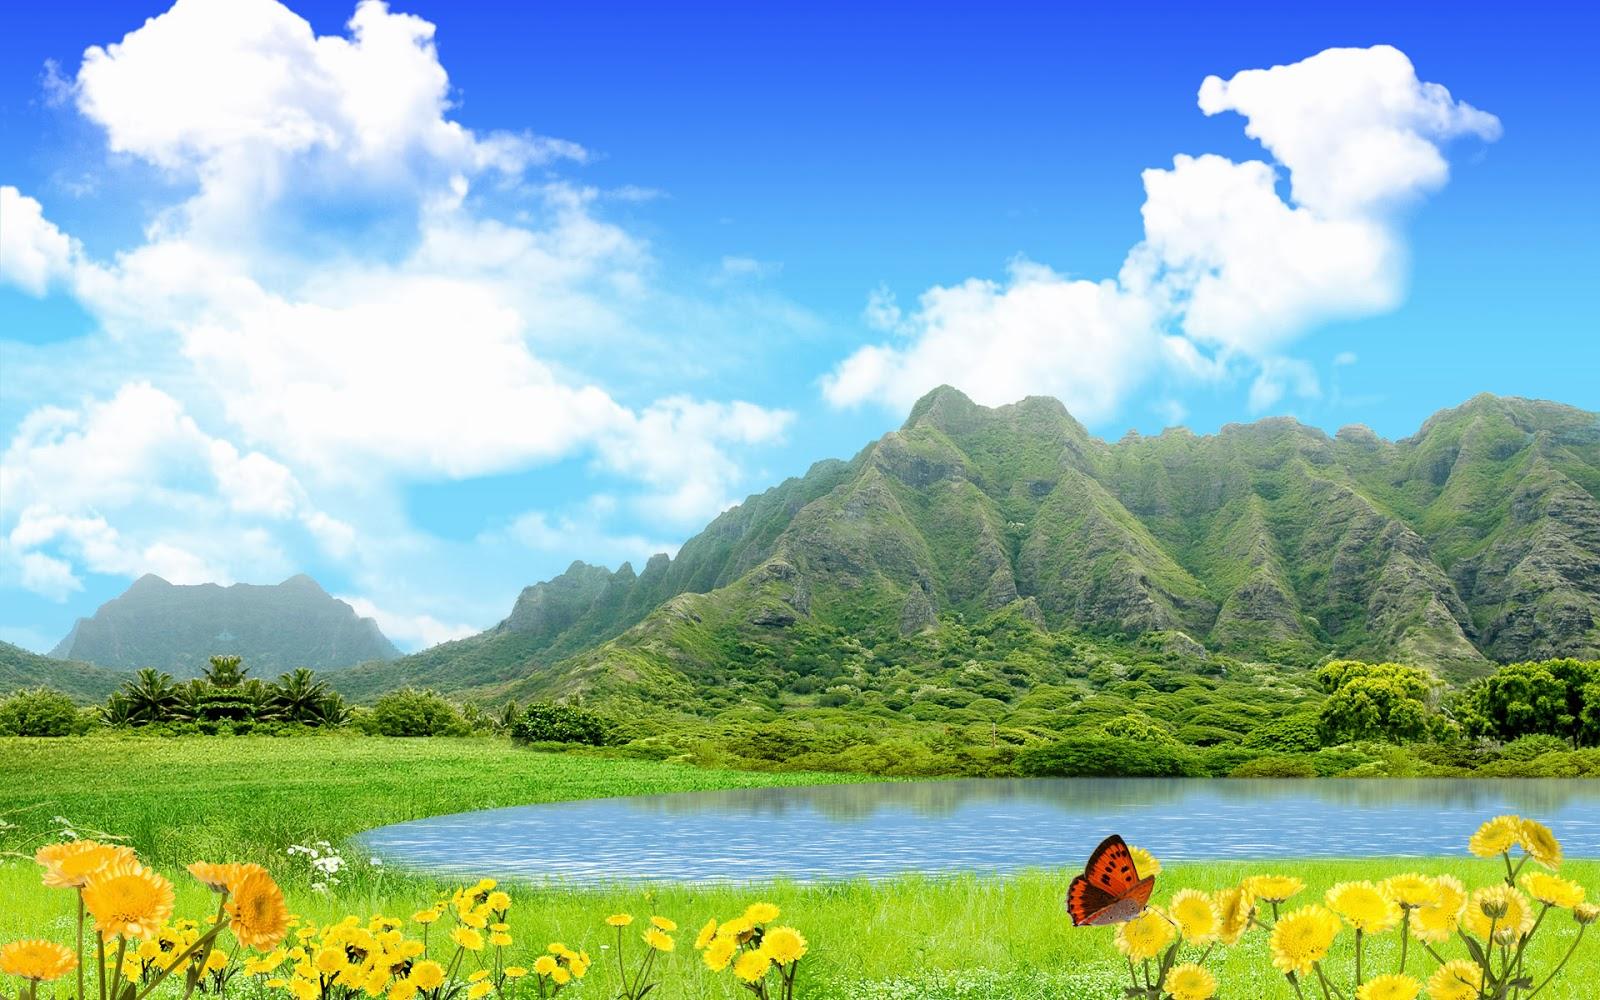 hd natural image beautiful - photo #7